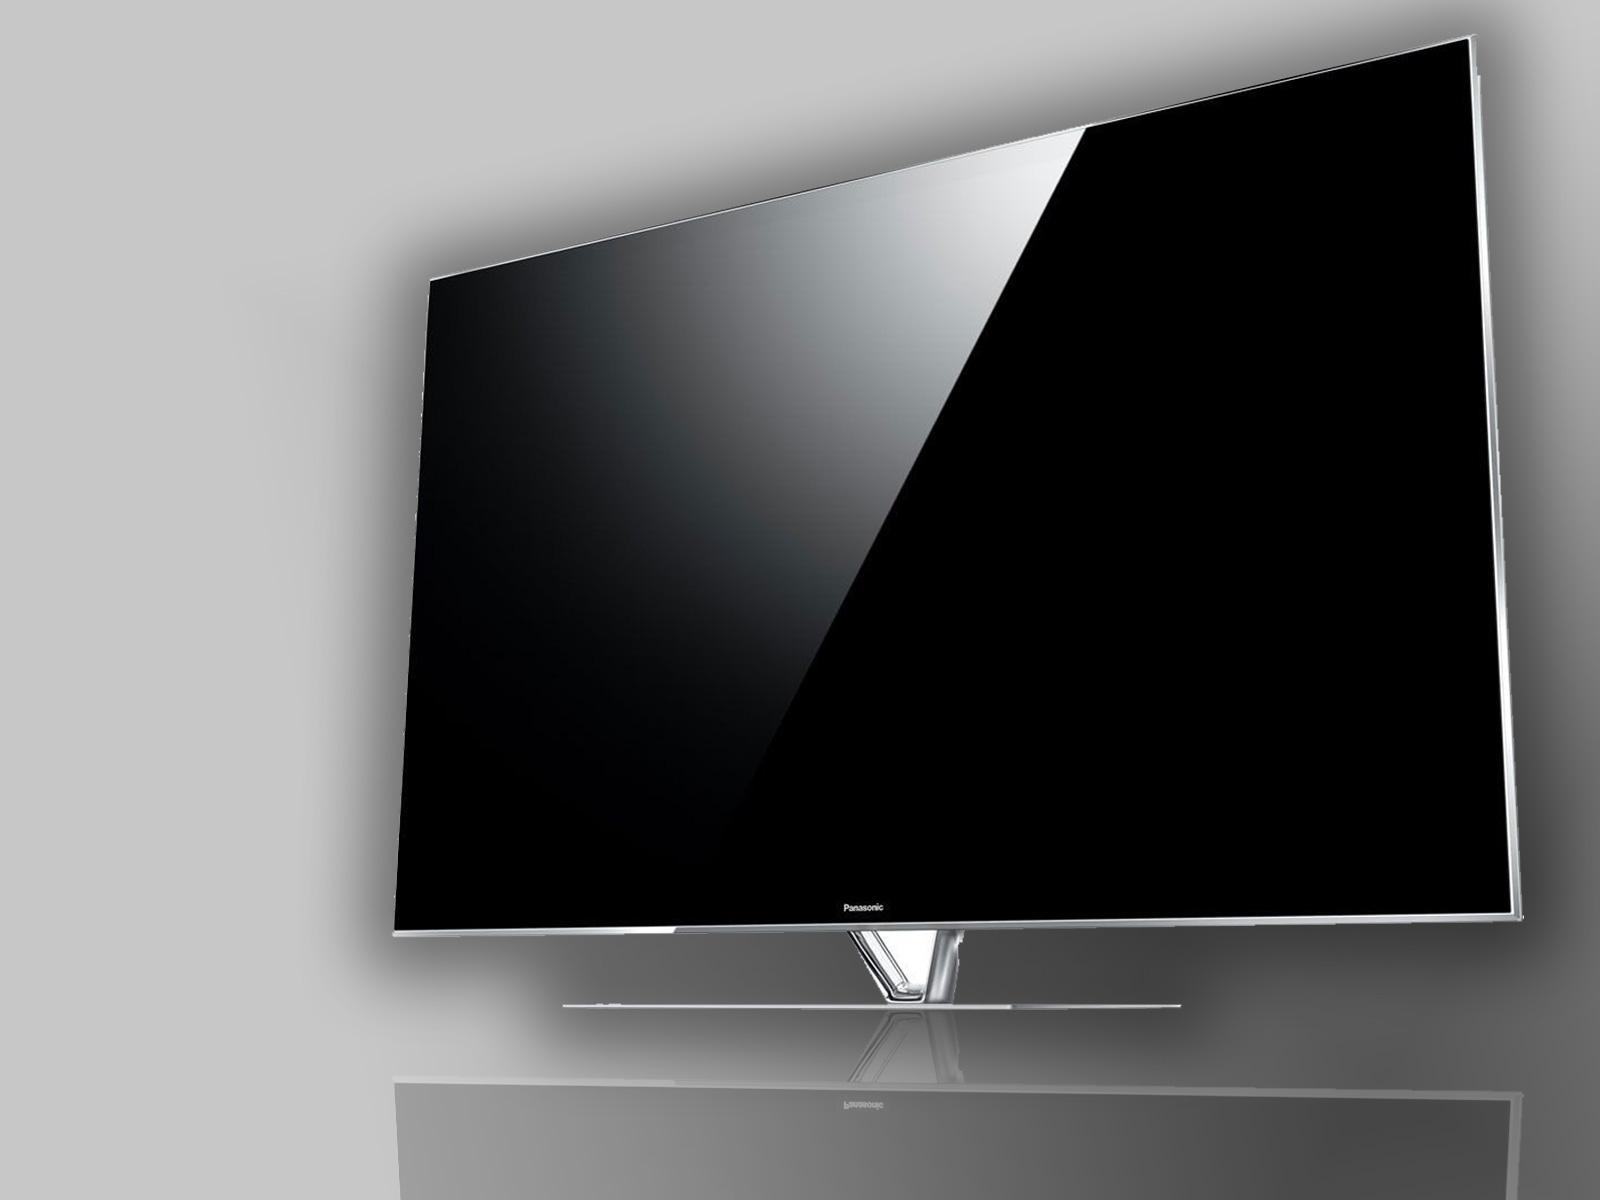 televisie kopen led of plasma. Black Bedroom Furniture Sets. Home Design Ideas